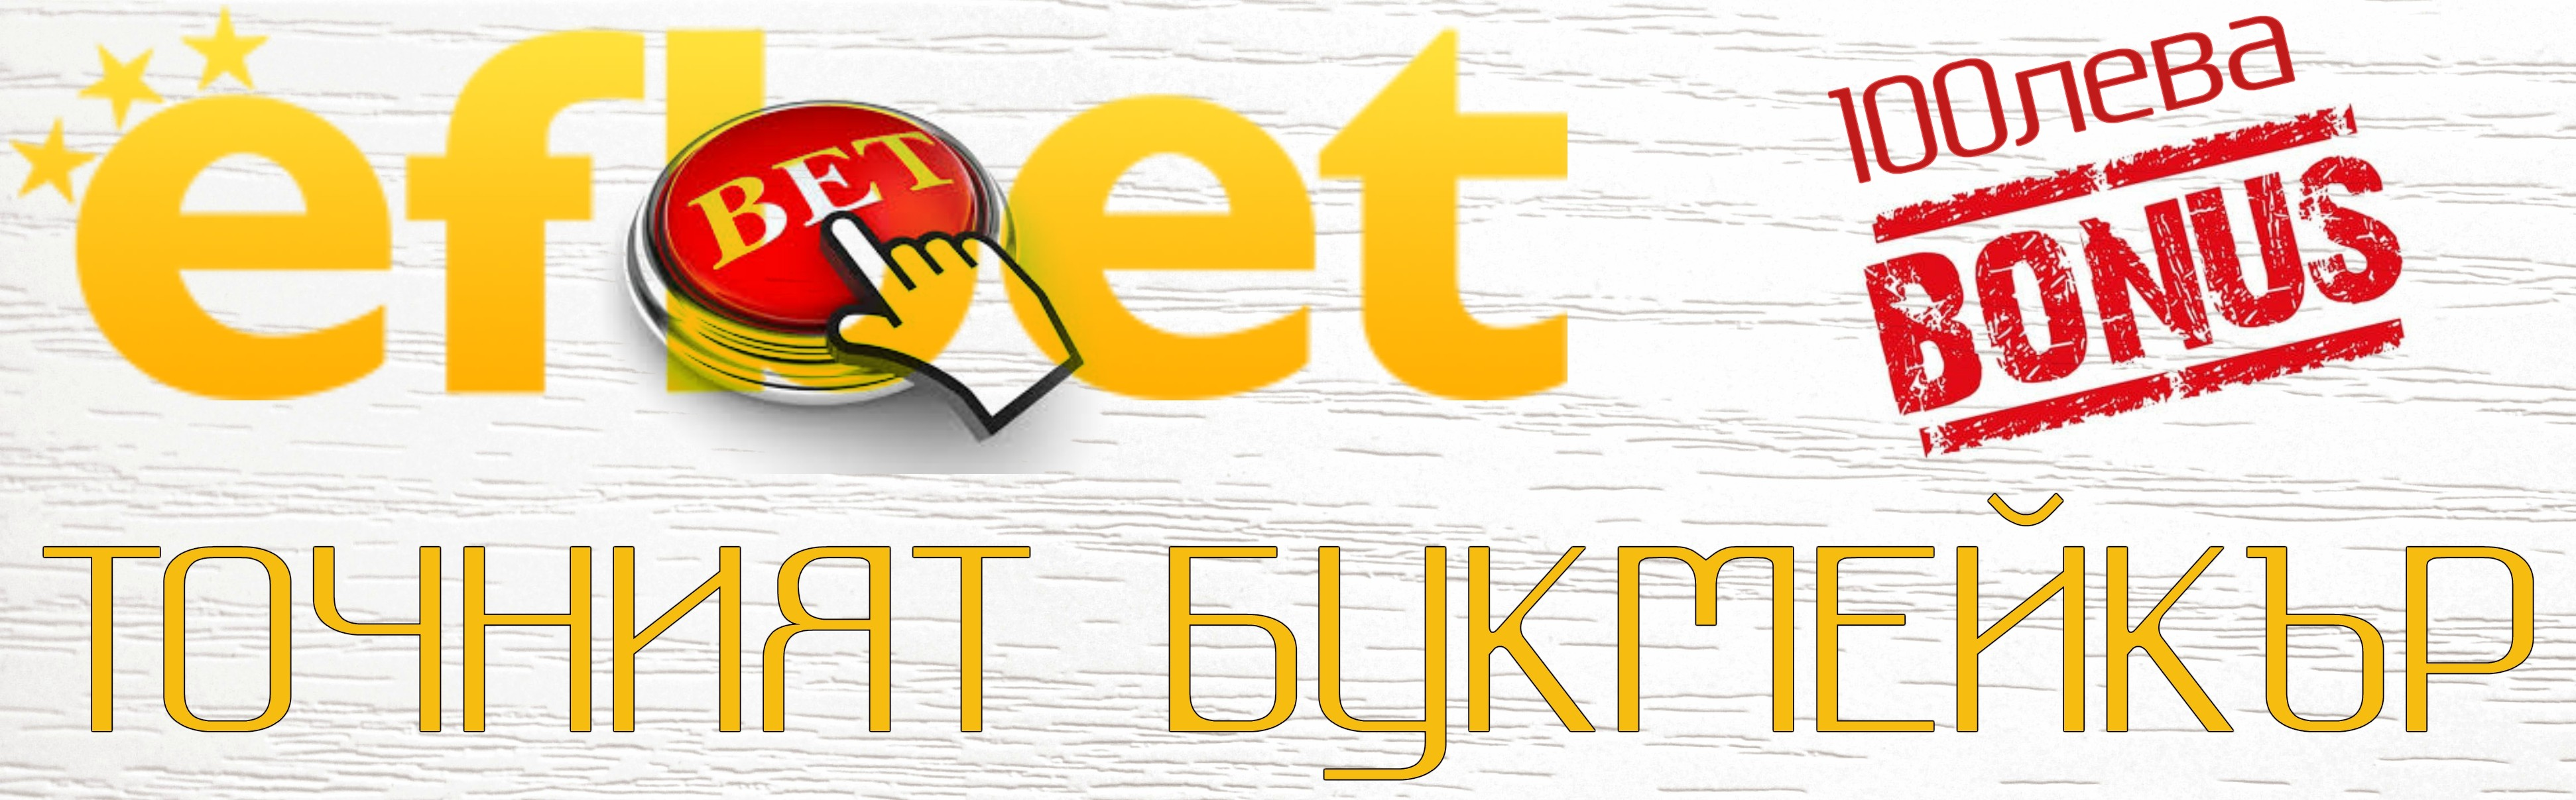 Точният букмейкър - Efbet